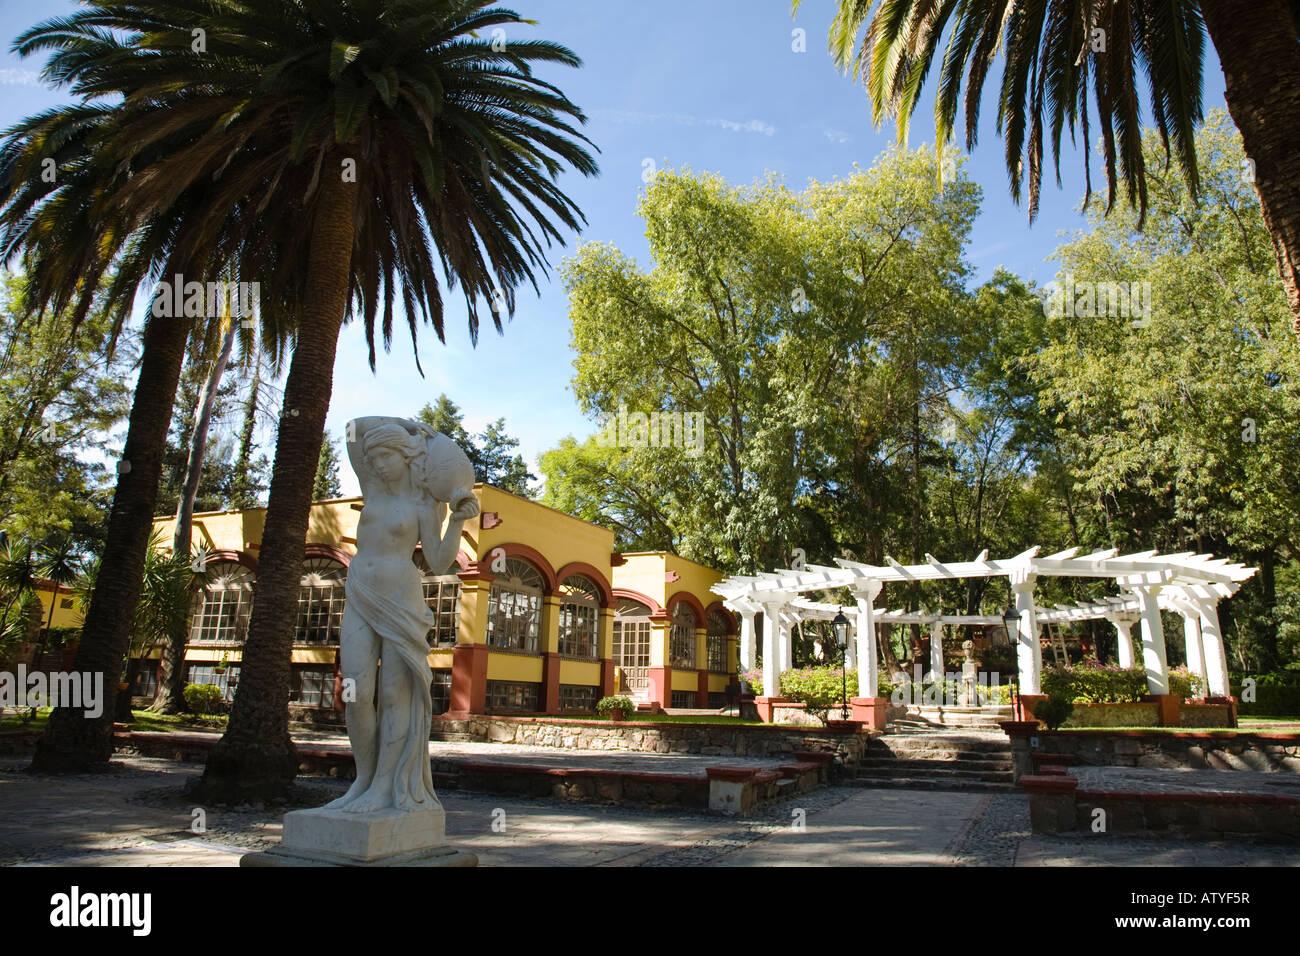 MEXICO Guanajuato Statue in plaza white pergola in garden ex hacienda de San Gabriel de Barrera Stock Photo